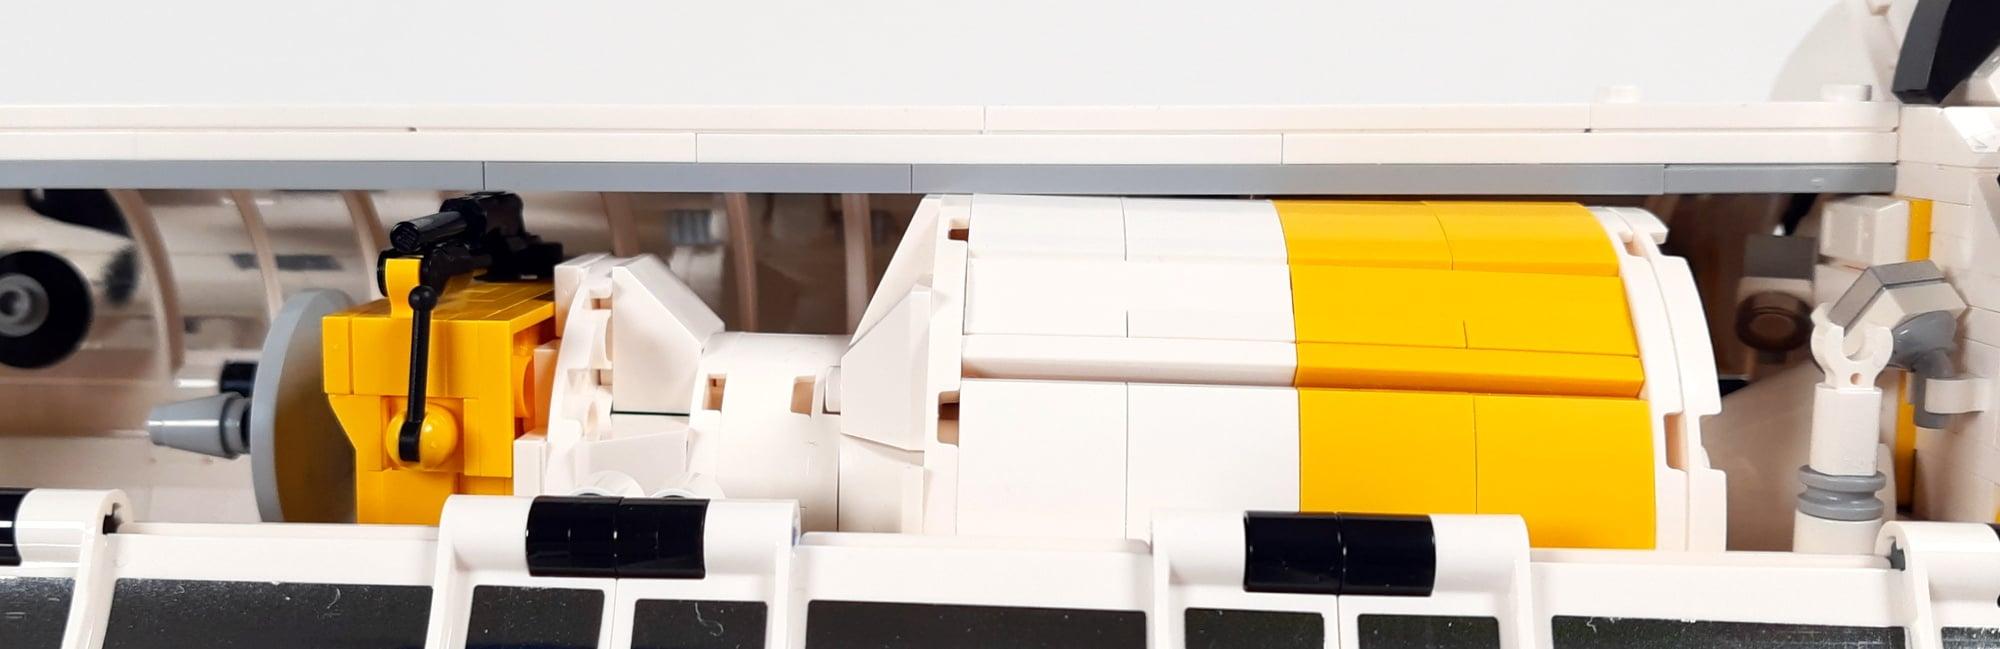 LEGO 5006744 Ulysses Im Shuttle 2